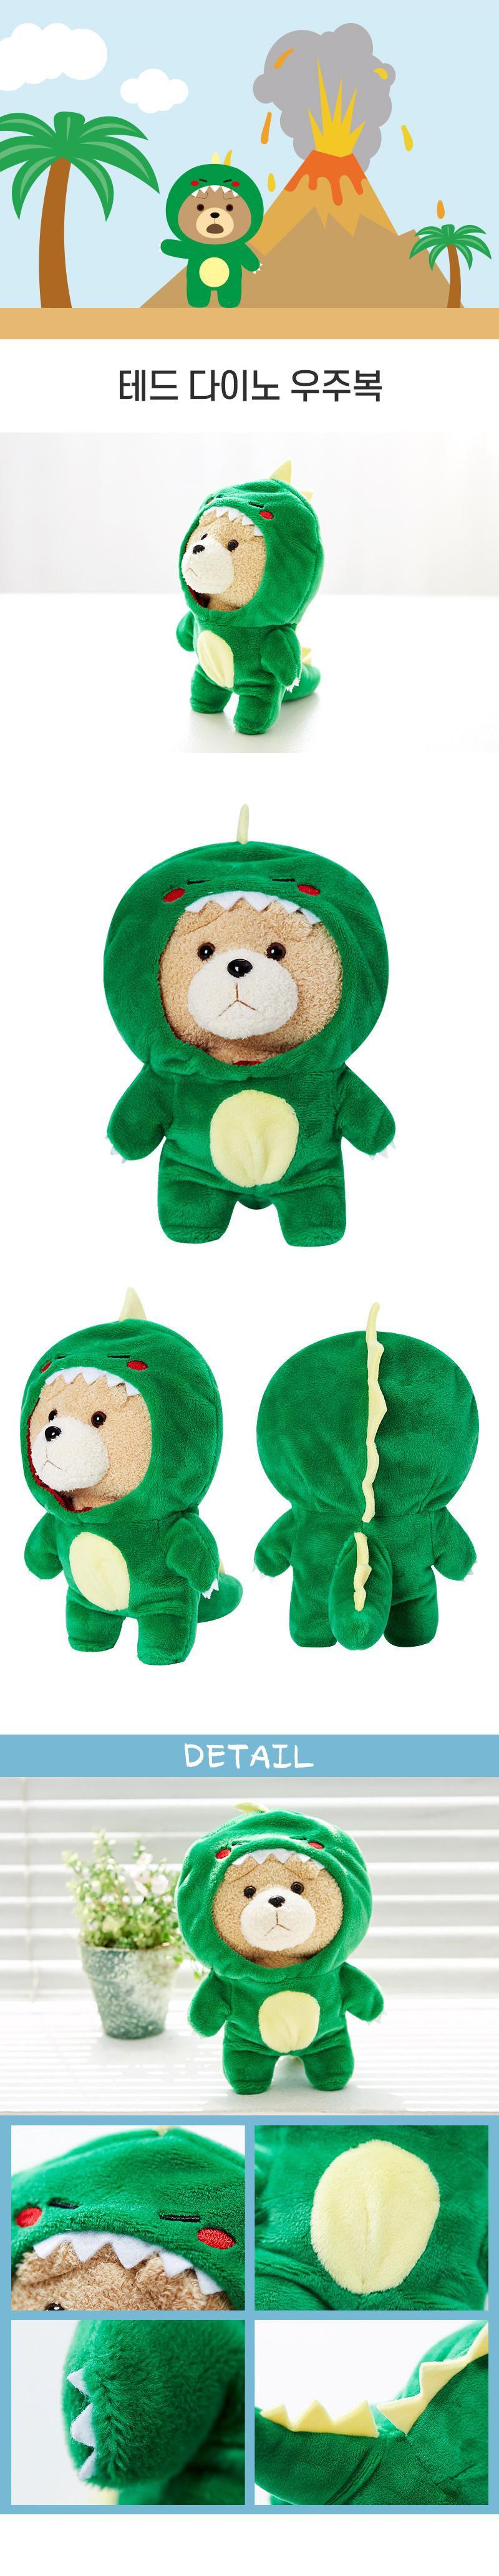 19곰테드 동물옷 공룡 다이노 우주복 캐릭터 인형 - 이젠돌스, 14,000원, 캐릭터인형, 기타 캐릭터 인형